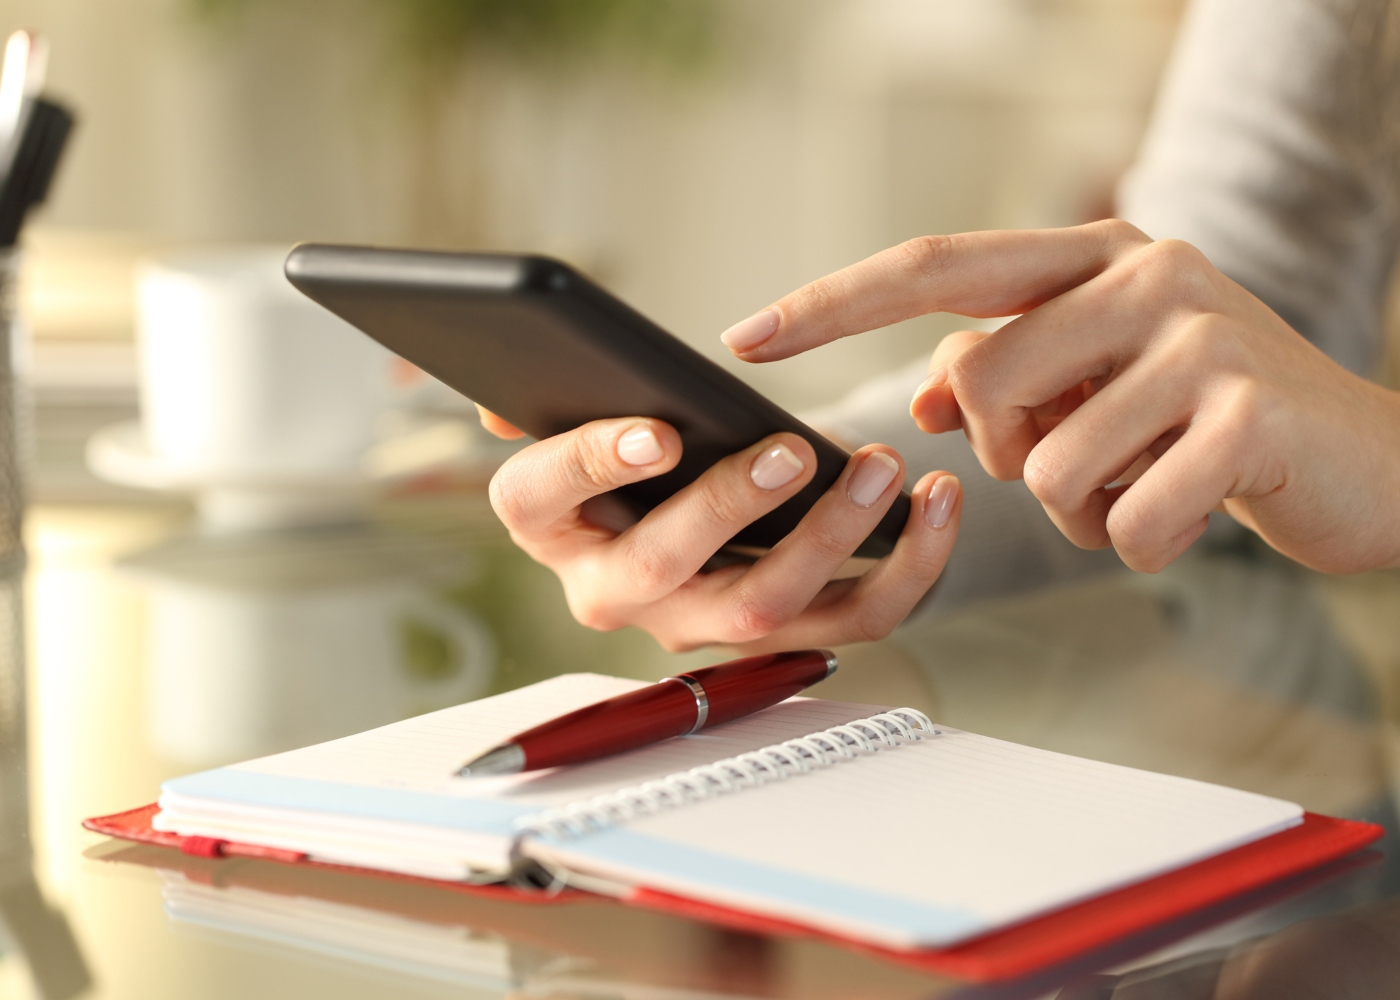 smartphone internet telecomunicações